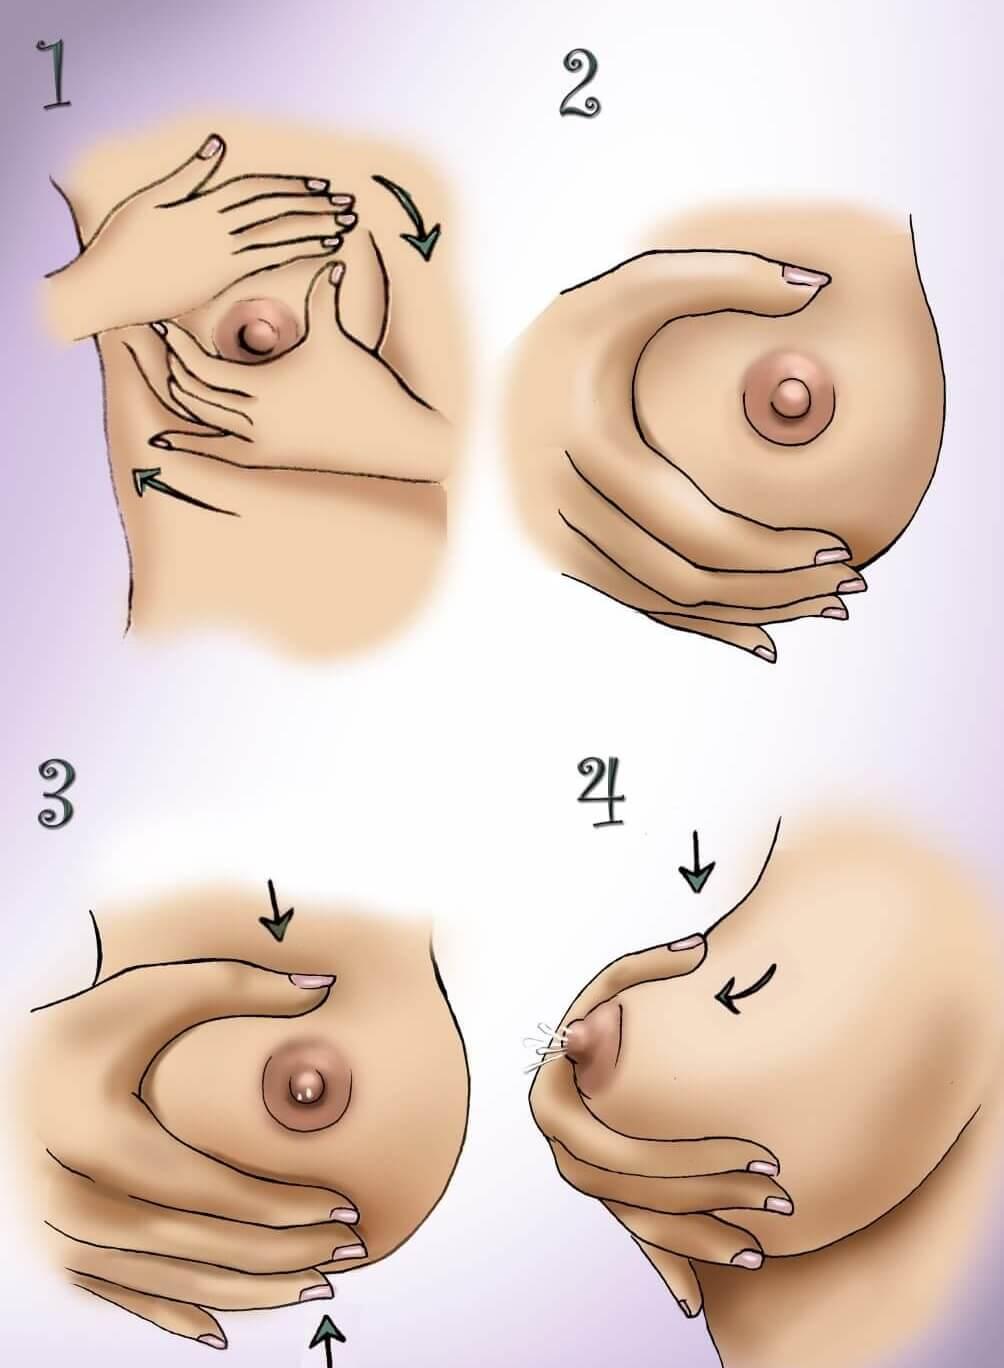 Сцеживание груди проводится в несколько этапов